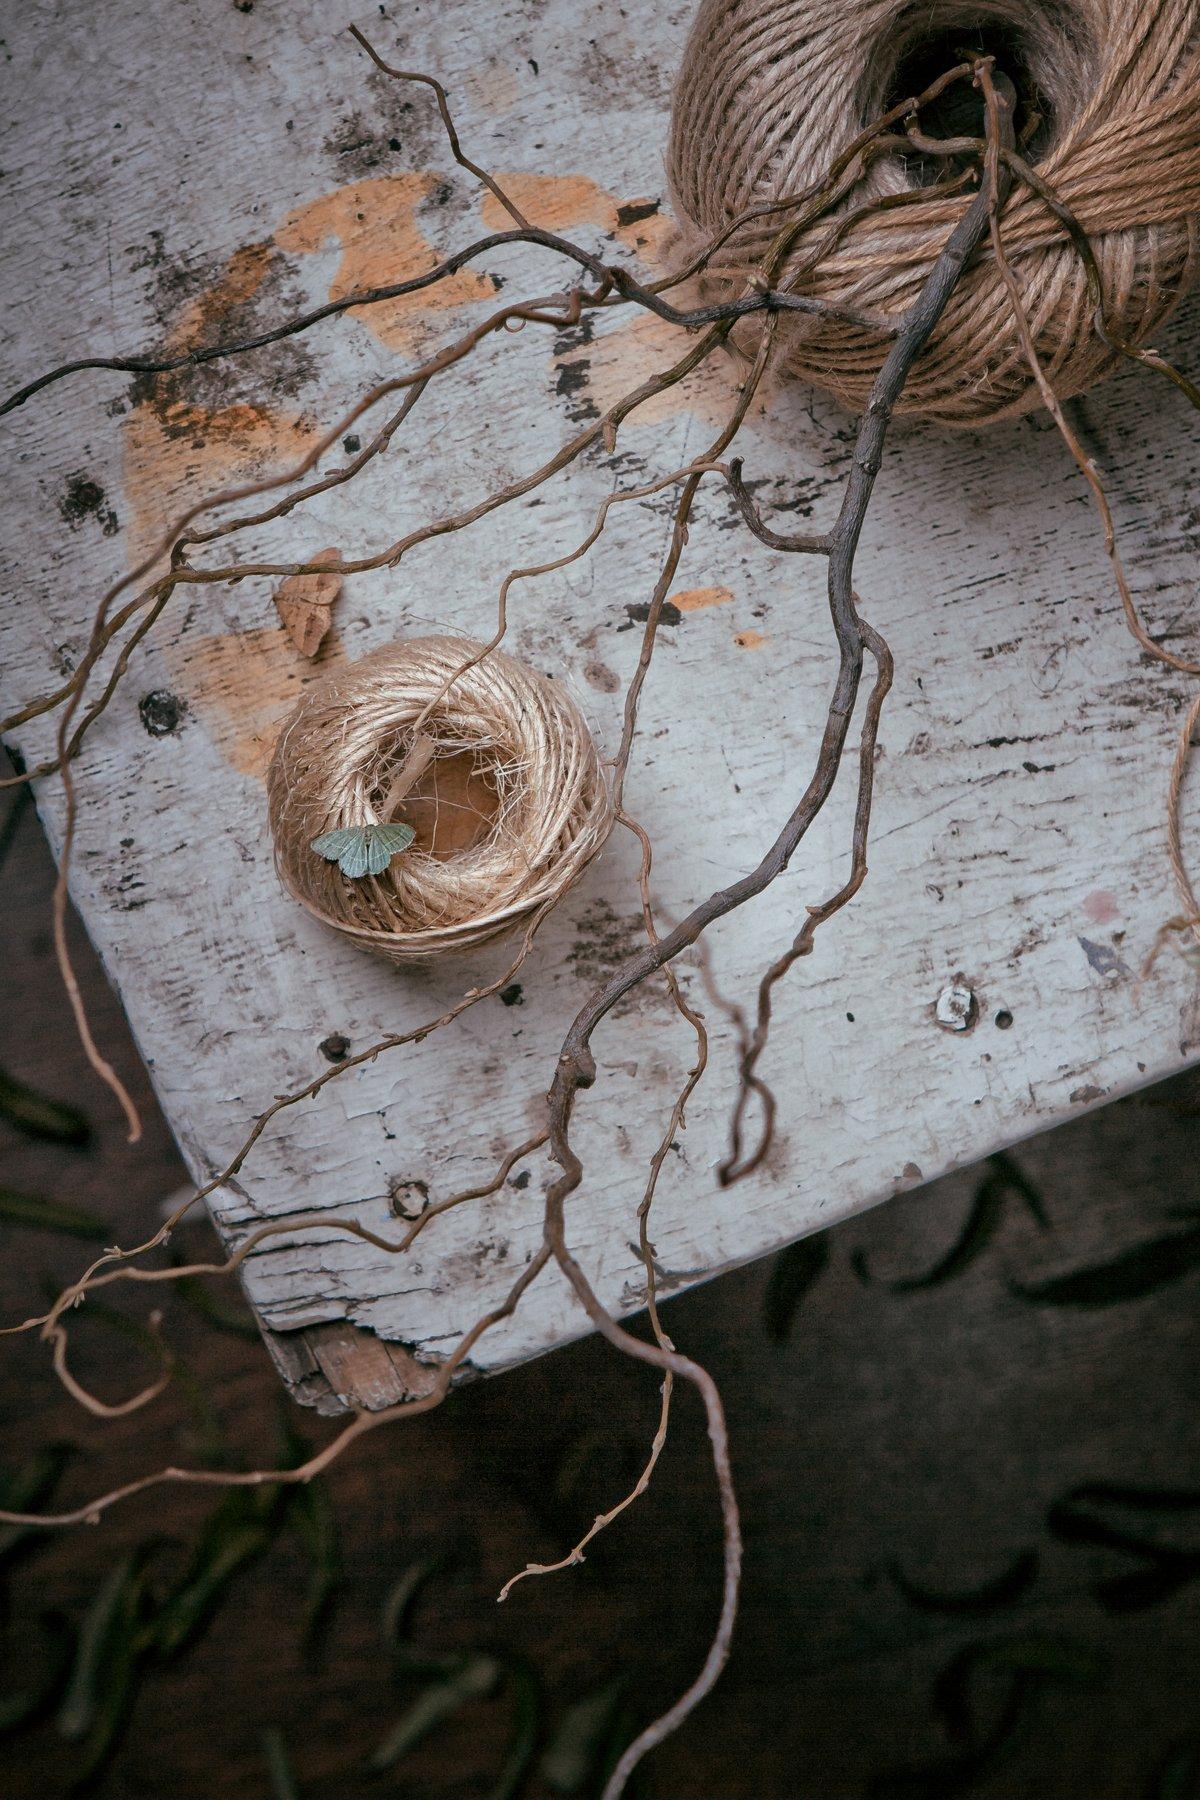 Бабочка, мотылек, суровая нить, ветви, ива, натюрморт, Наталья Голубева